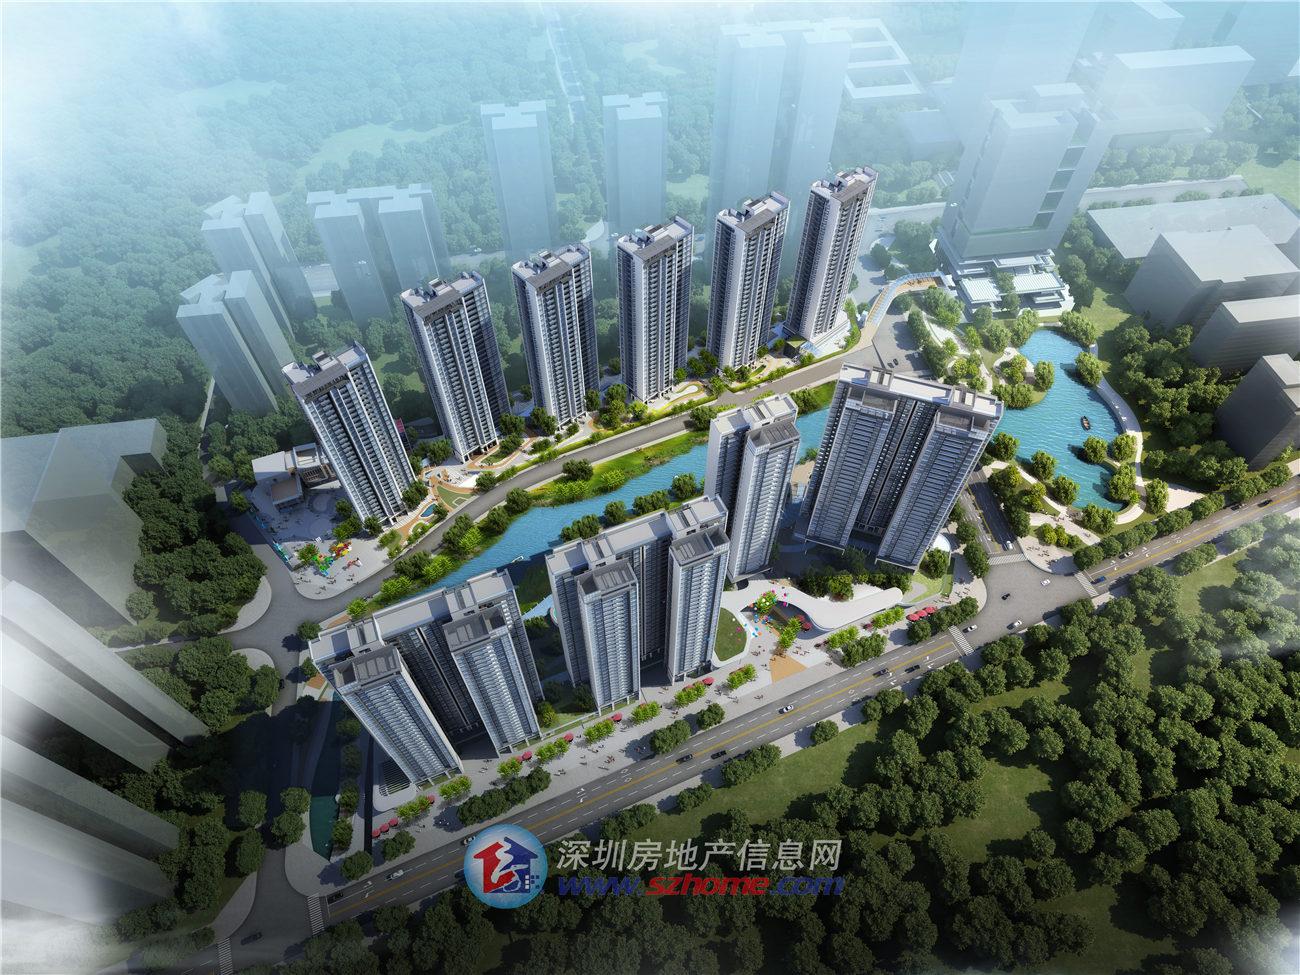 云科府-光明云谷-深圳房地产信息网